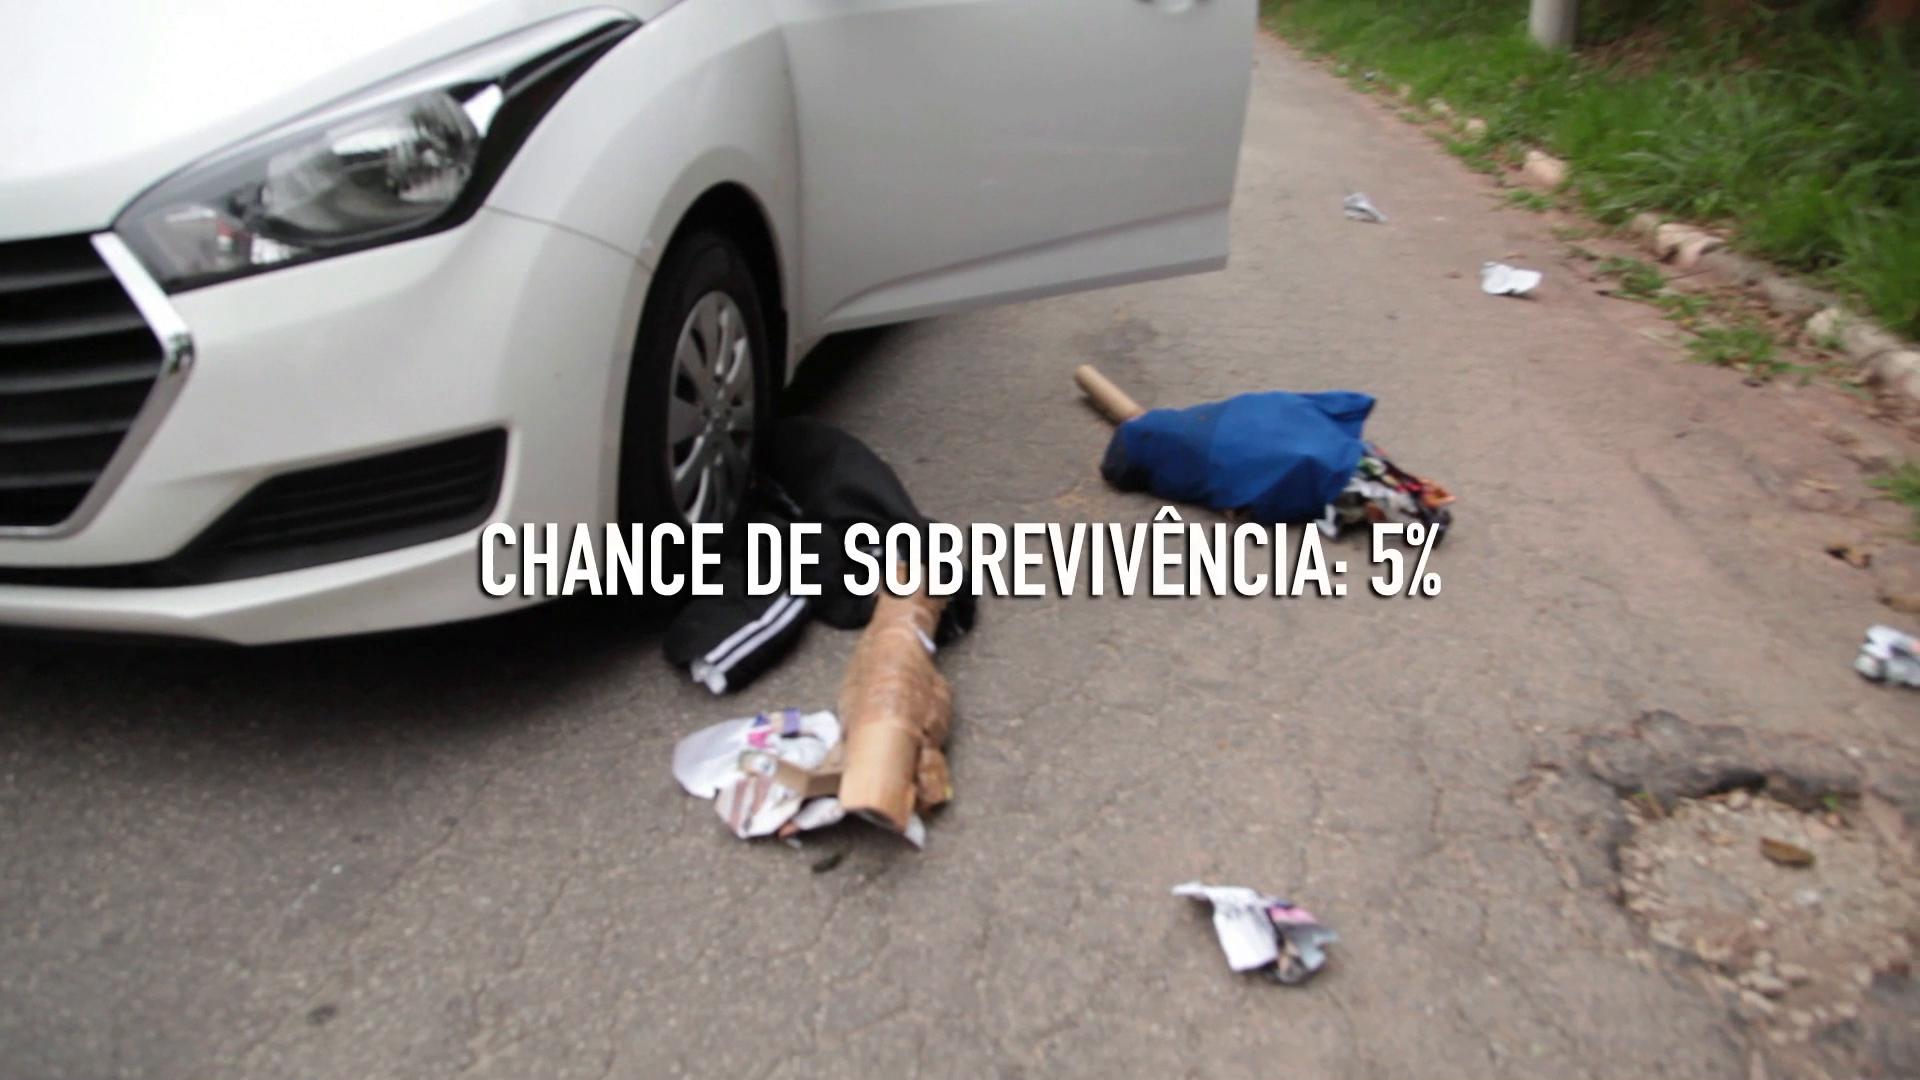 Ciclocidade e Cidadeapé divulgam vídeo contra volta do aumento de velocidades